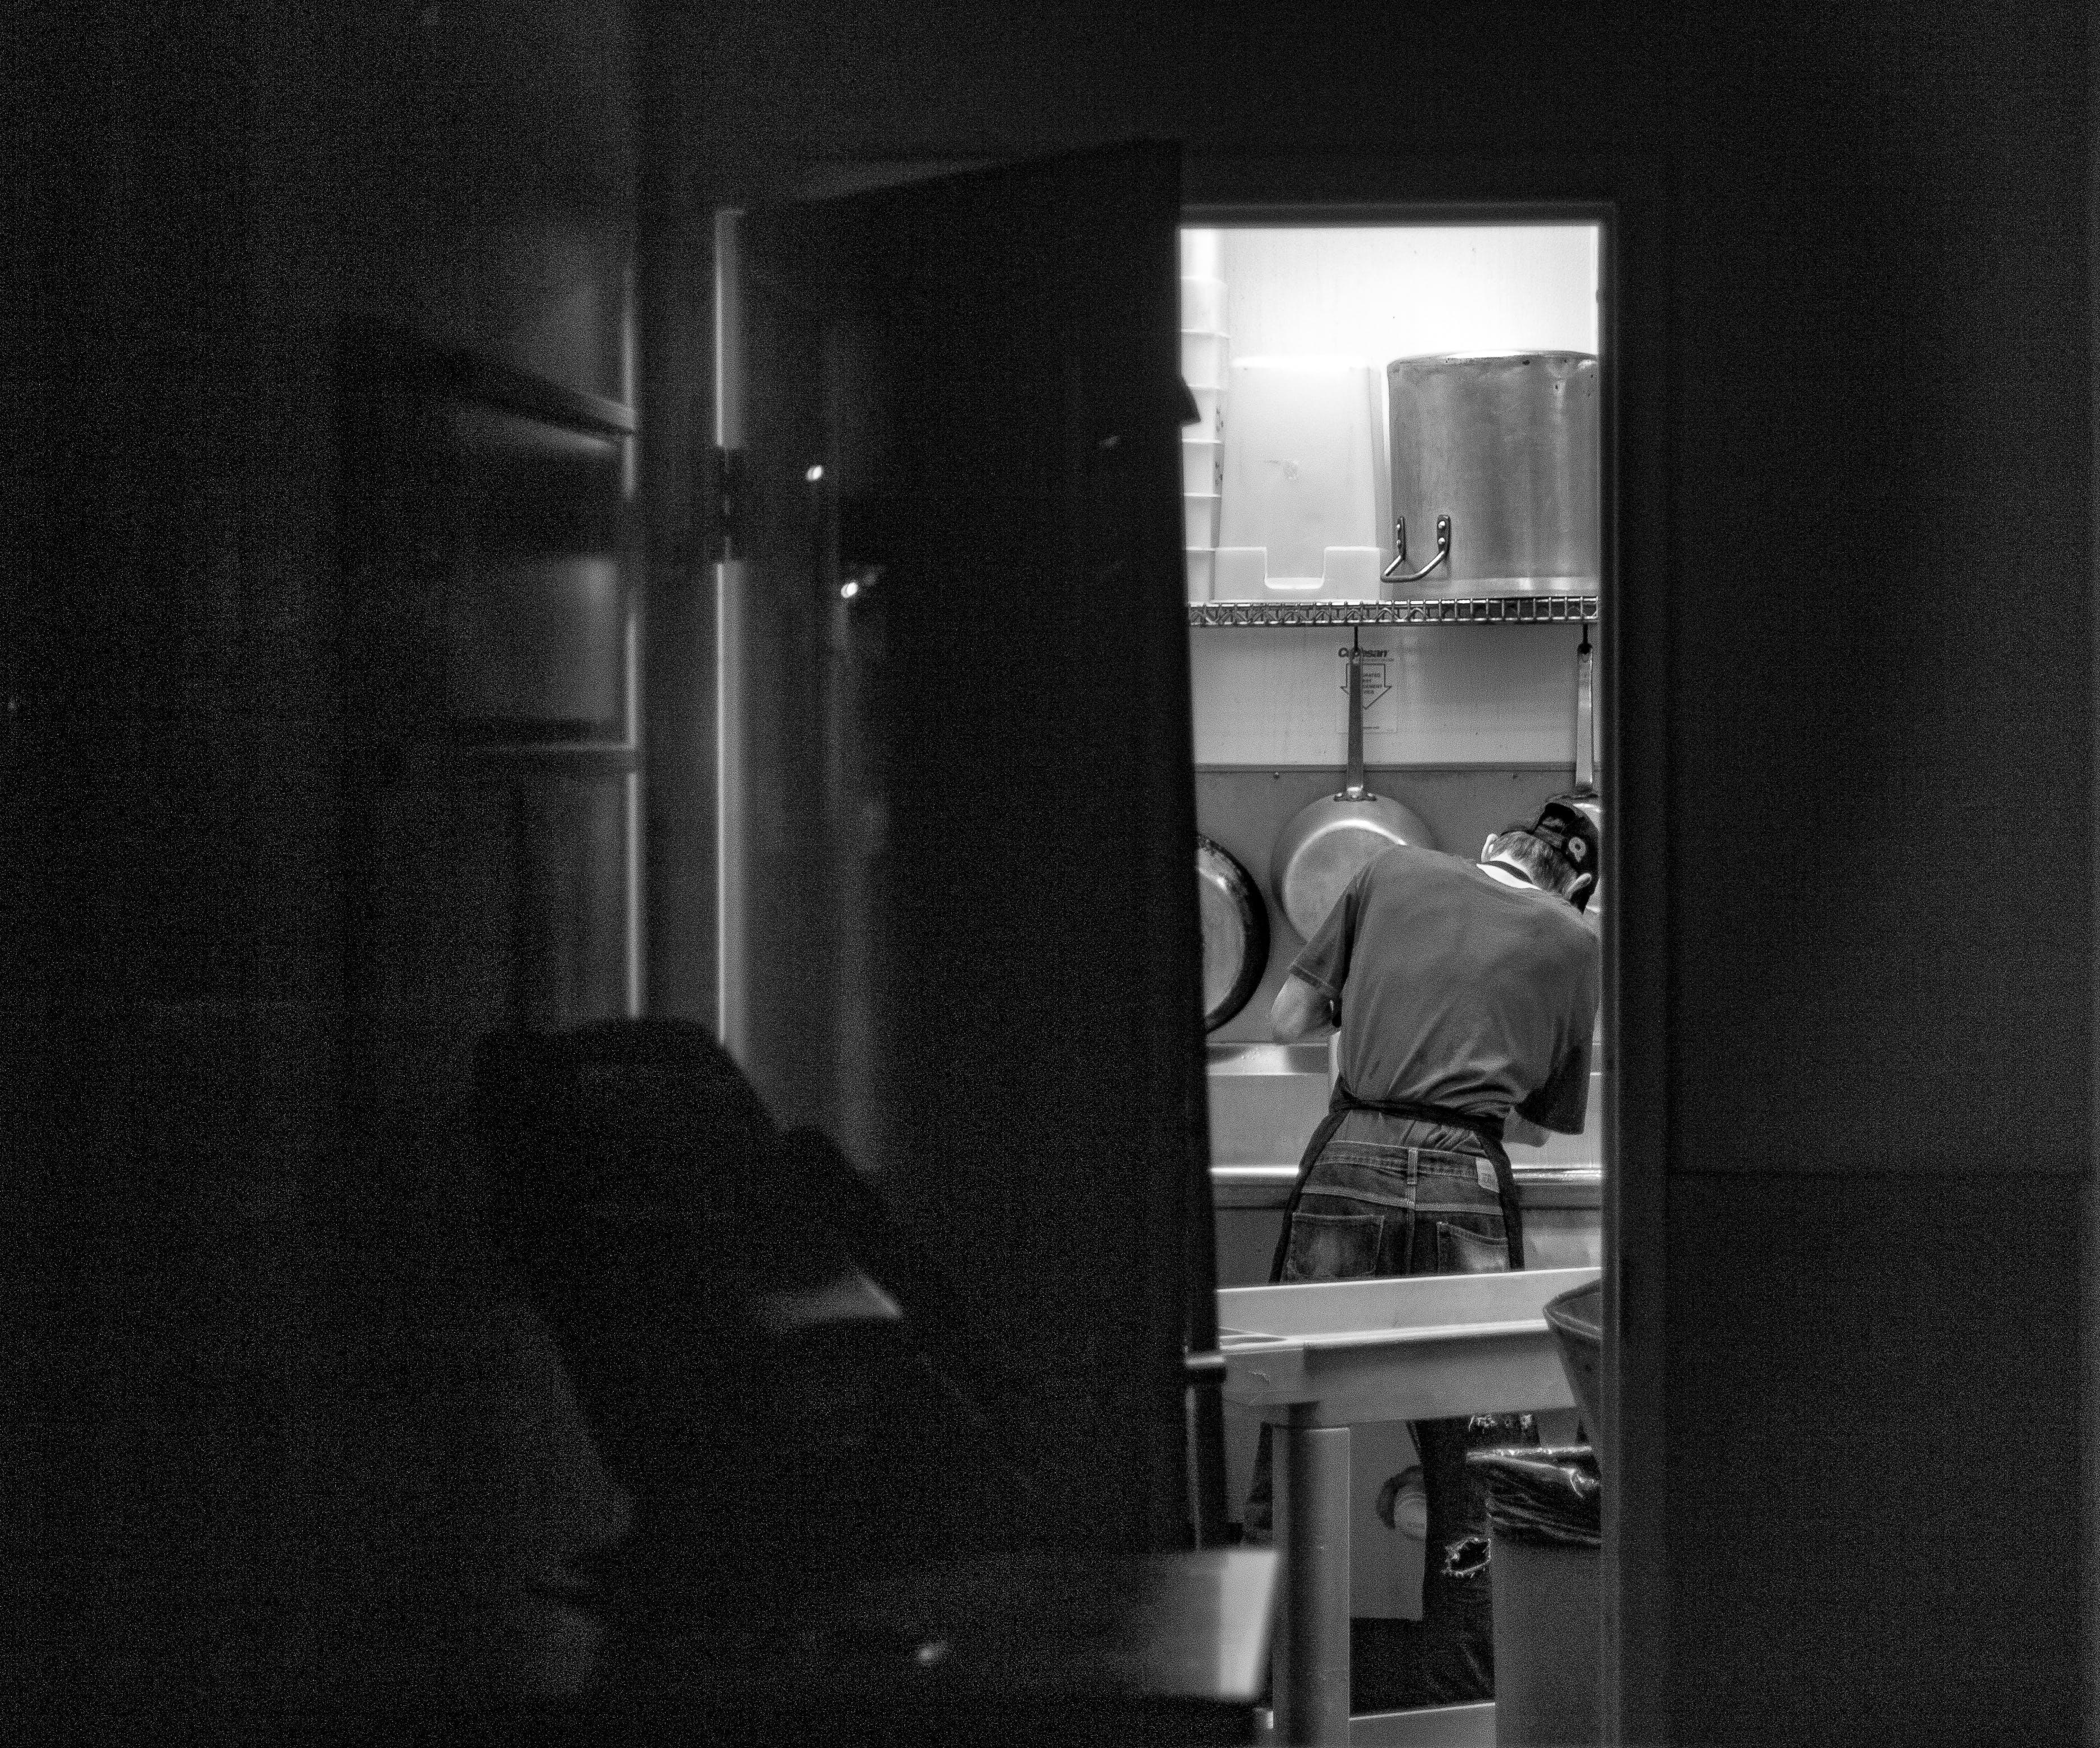 Man on Kitchen